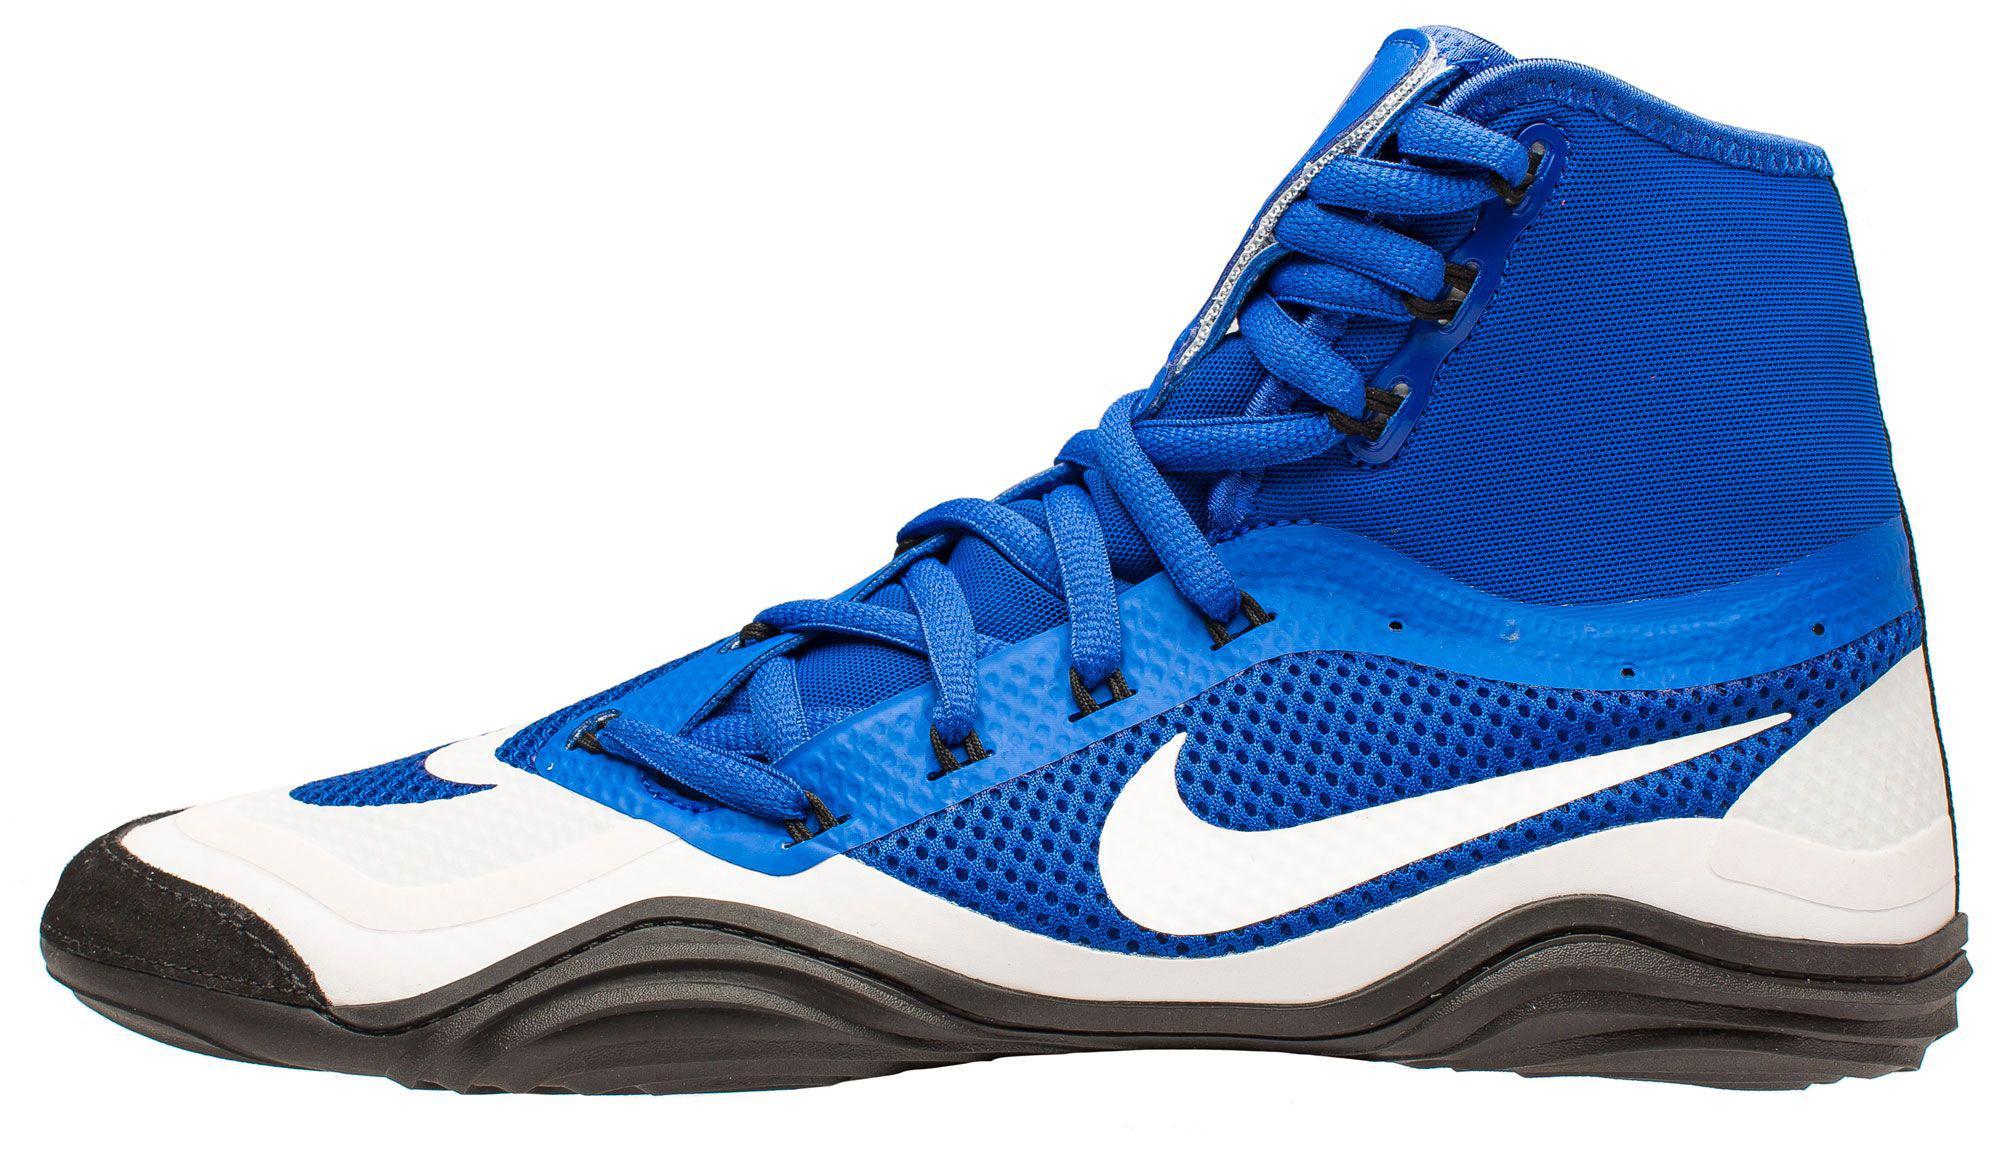 f6b7c482a2 nike-BlueWhite-Hypersweep-Wrestling-Shoes.jpeg